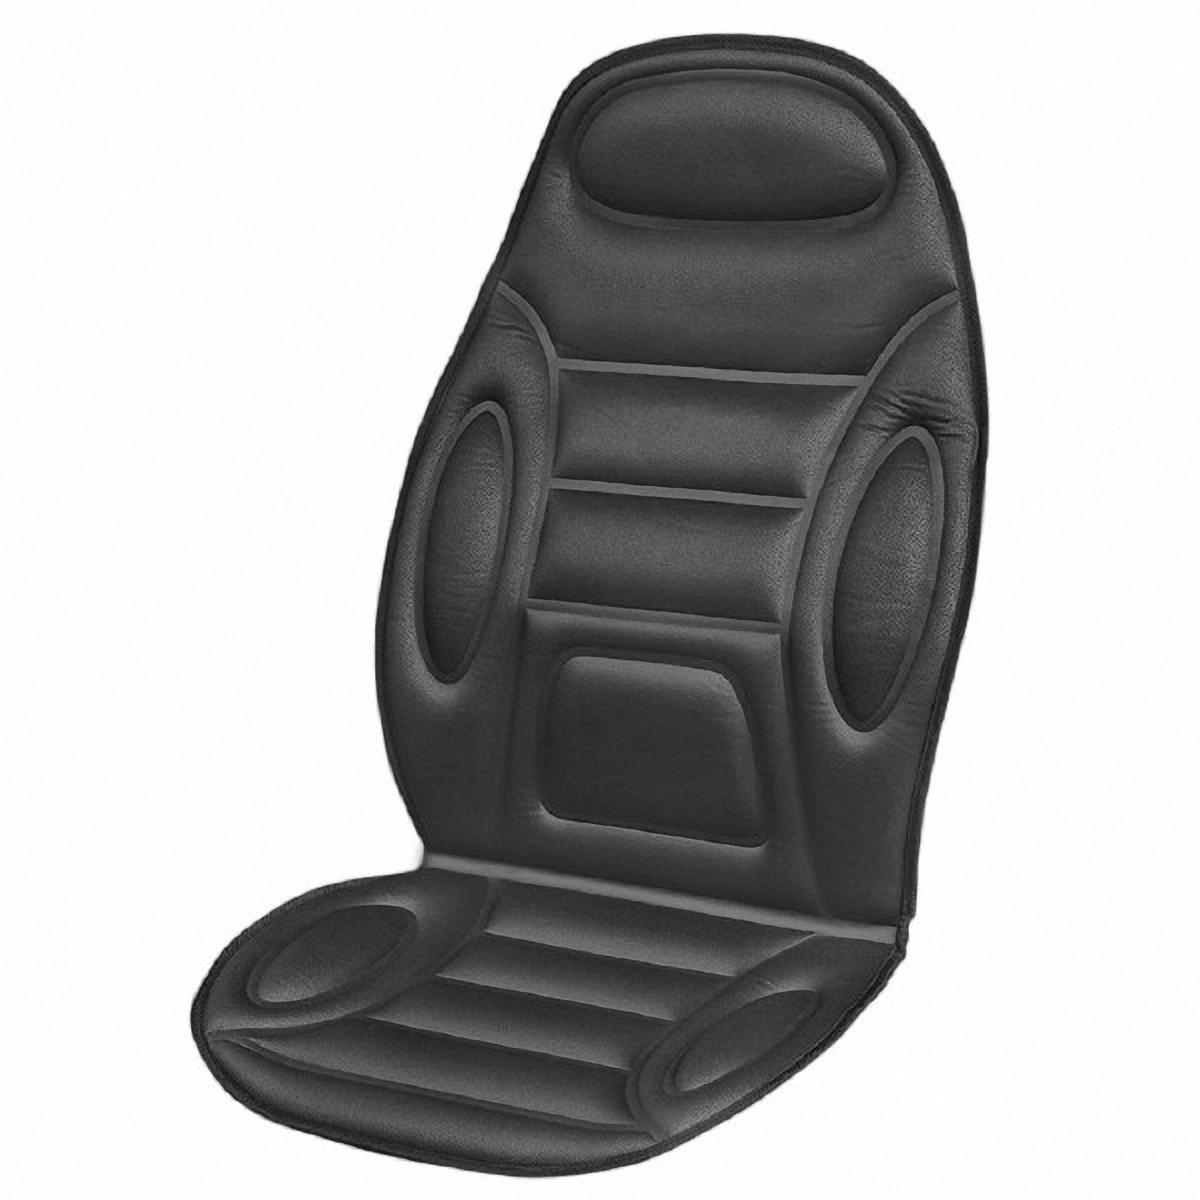 Подогрев для сиденья Skyway, со спинкой, цвет: черный, 120 х 51 смS02201022В подогреве для сиденья Skyway в качестве теплоносителя применяется углеродный материал. Такой нагреватель обладает феноменальной гибкостью и прочностью на разрыв в отличие от аналогов, изготовленных из медного или иного металлического провода. Особенности: - Универсальный размер. - Снижает усталость при управлении автомобилем. - Обеспечивает комфортное вождение в холодное время года. - Простая и быстрая установка. - Умеренный и интенсивный режим нагрева. - Терморегулятор для изменения интенсивности нагрева. - Защита крепления шнура питания к подогреву. Устройство подключается к прикуривателю на 12Вbr> Сила тока: 4-4,5 А. Напряжение: 12В. Мощность: 48-54 Ватт.